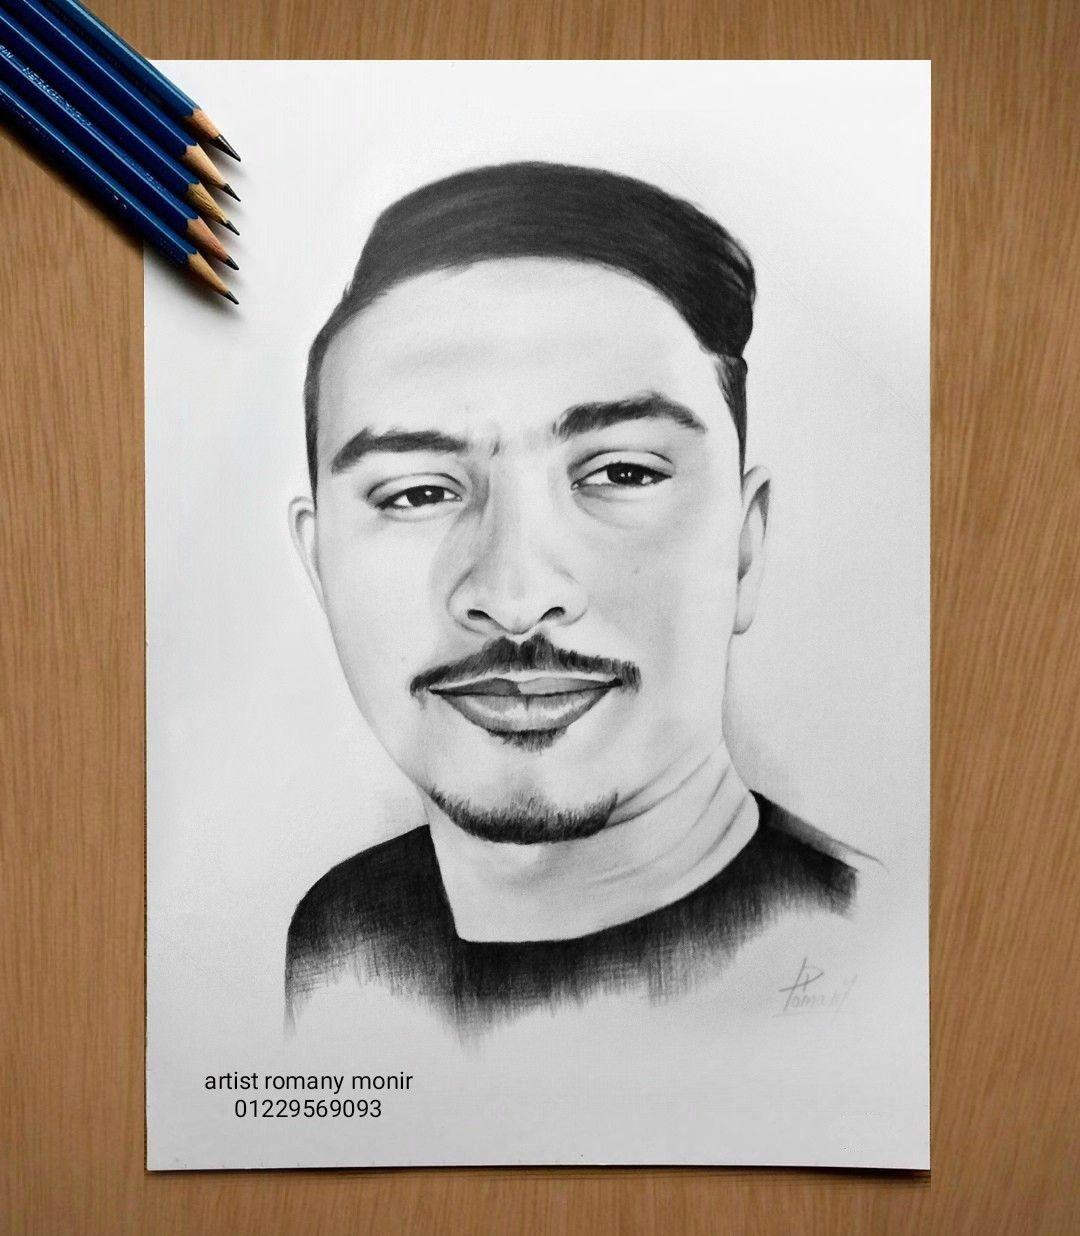 رسم الاشخاص حسب الطلب01229569093 Art Male Sketch Male